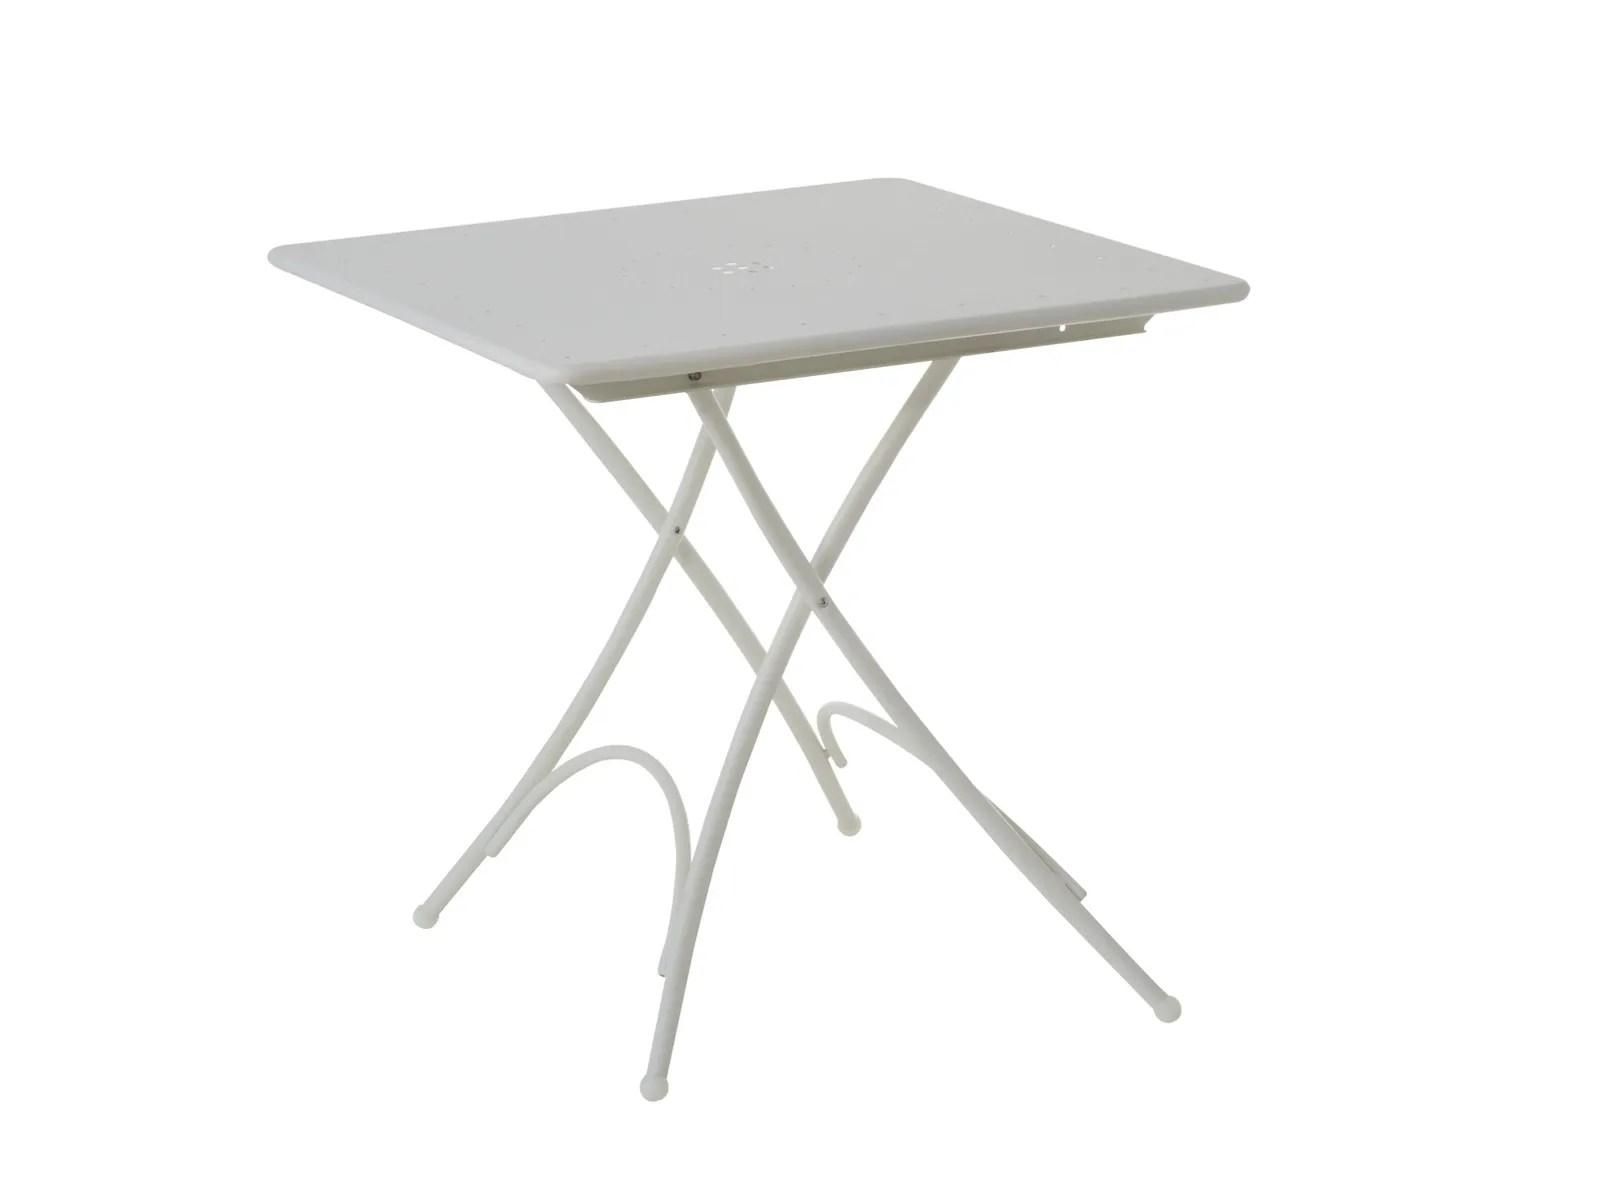 Tavoli Da Giardino In Alluminio Pieghevoli.Tavolo Da Esterno Quadrato Pieghevole Tavoli Pieghevoli Cheap